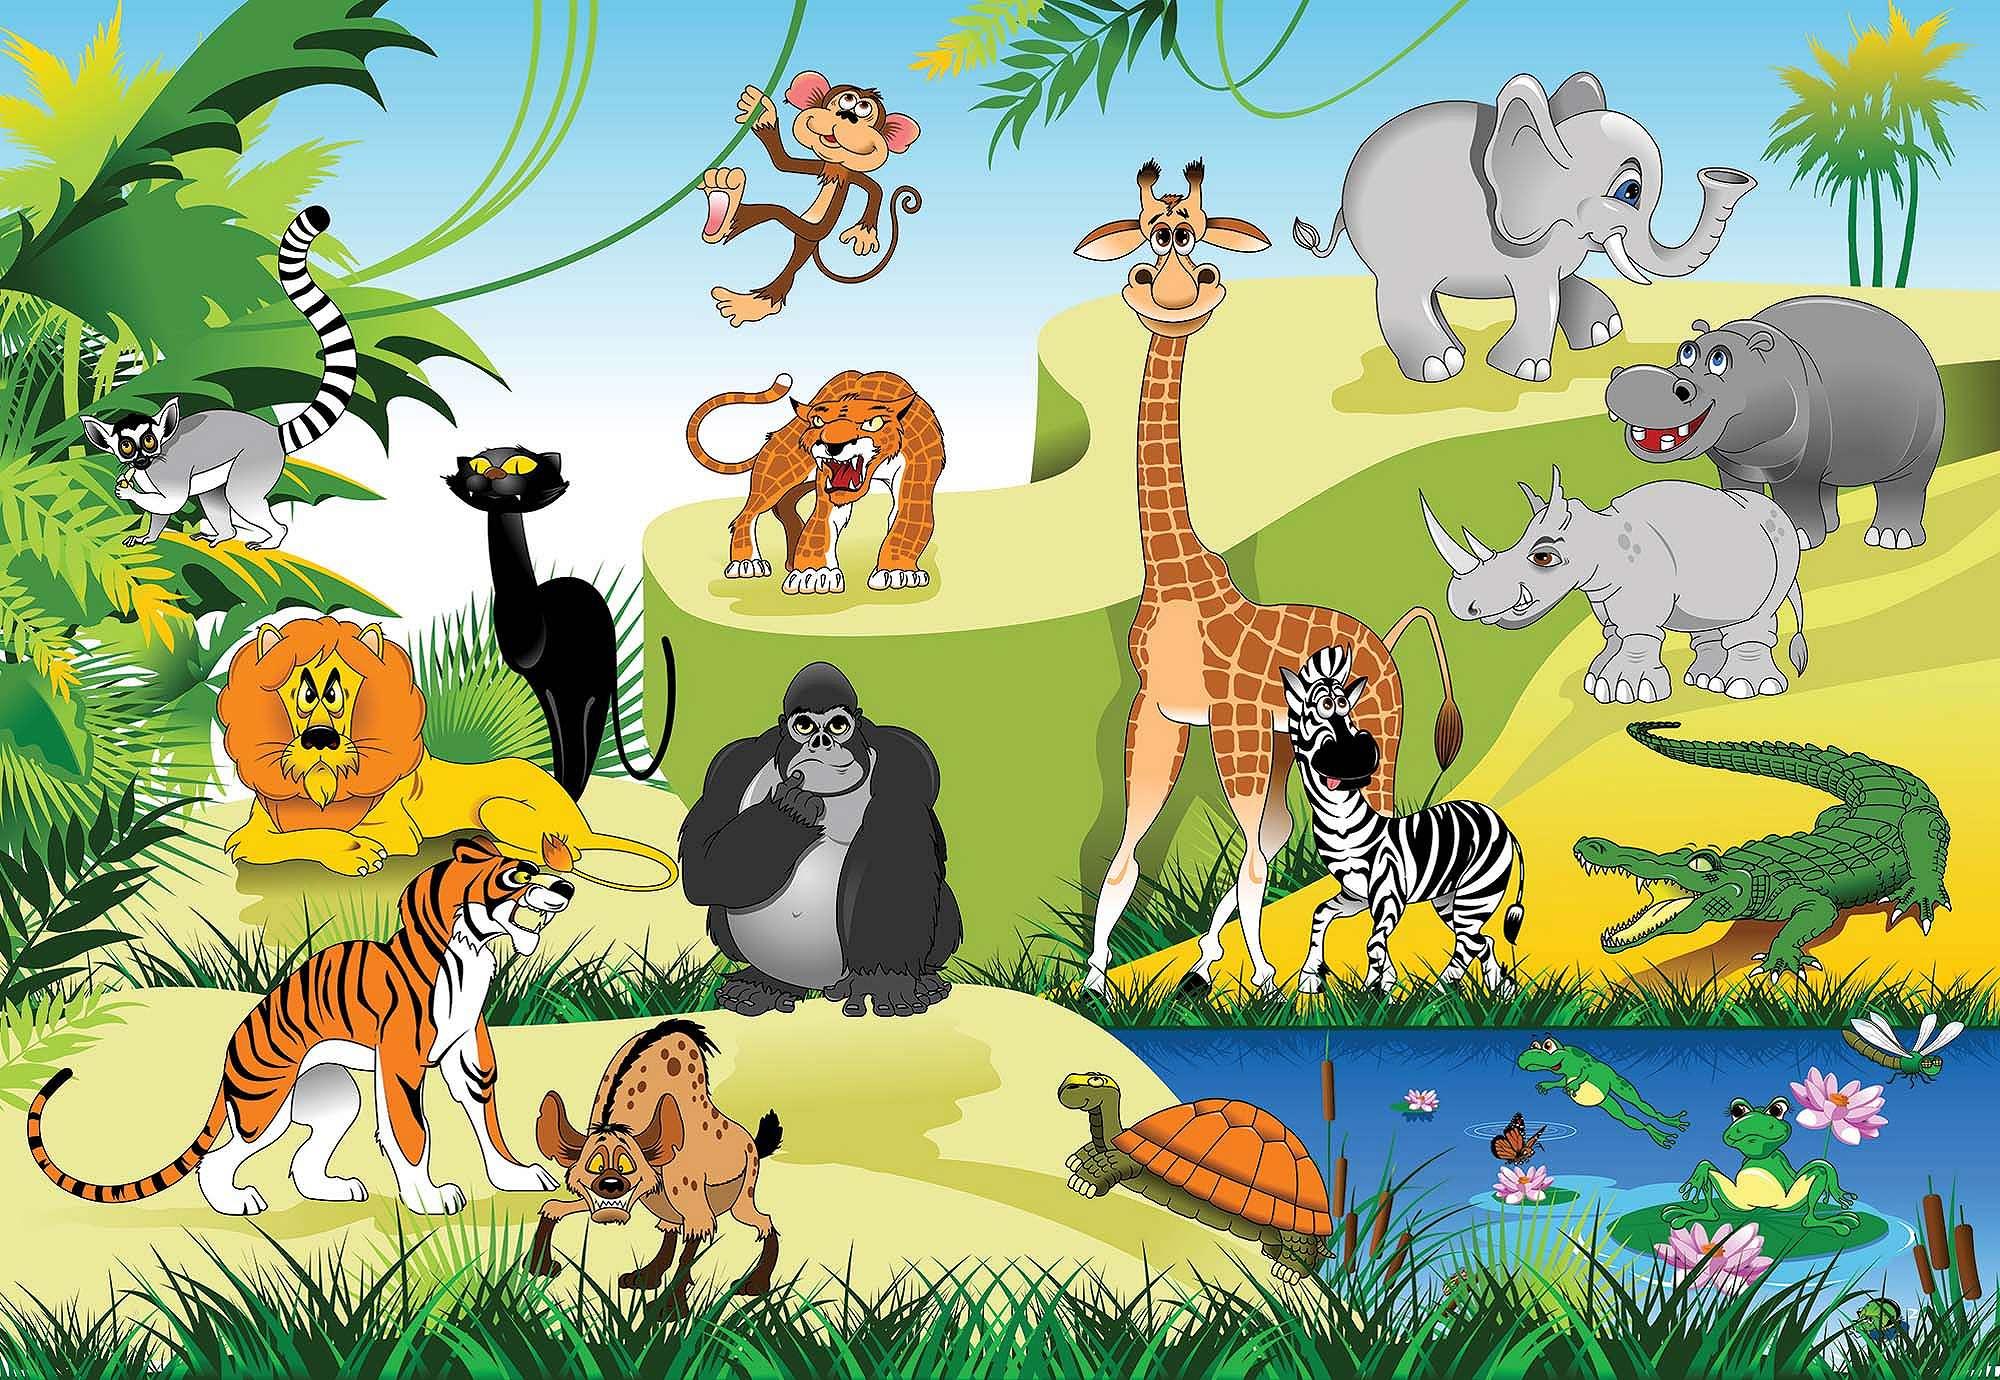 Fali poszter gyerekeknek kedves afrikai állatokkal